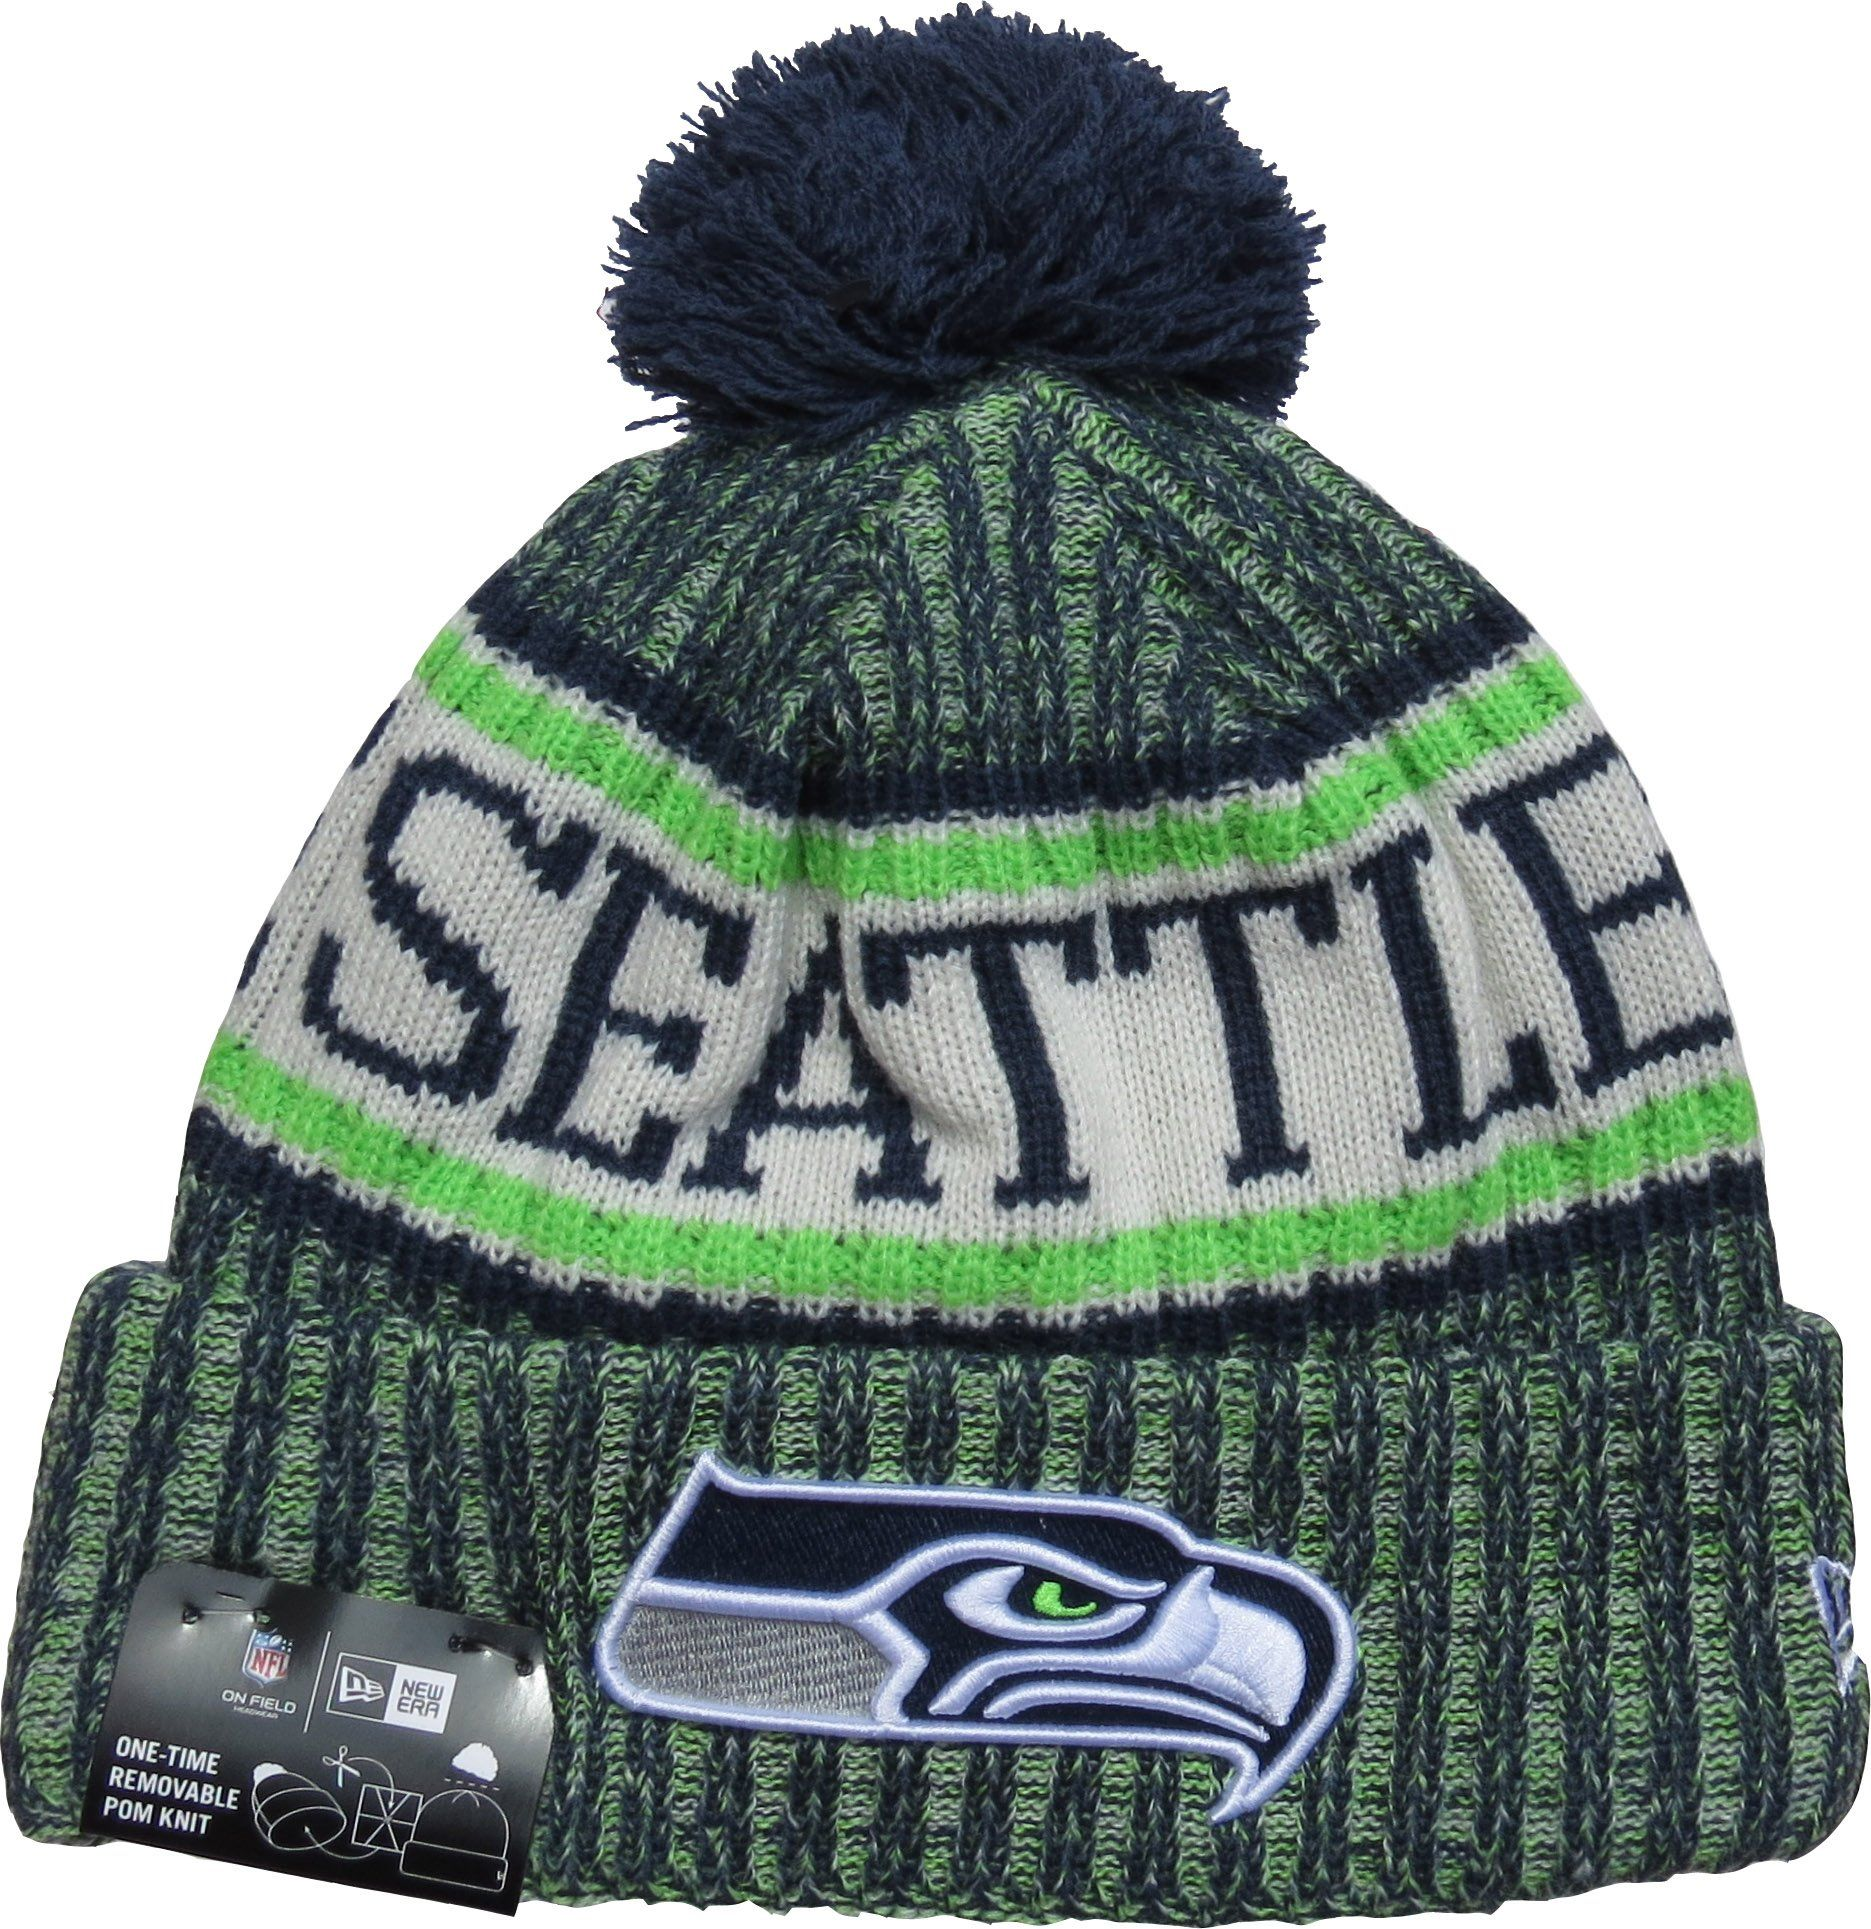 Seattle Seahawks New Era NFL On Field 2018 Sport Knit